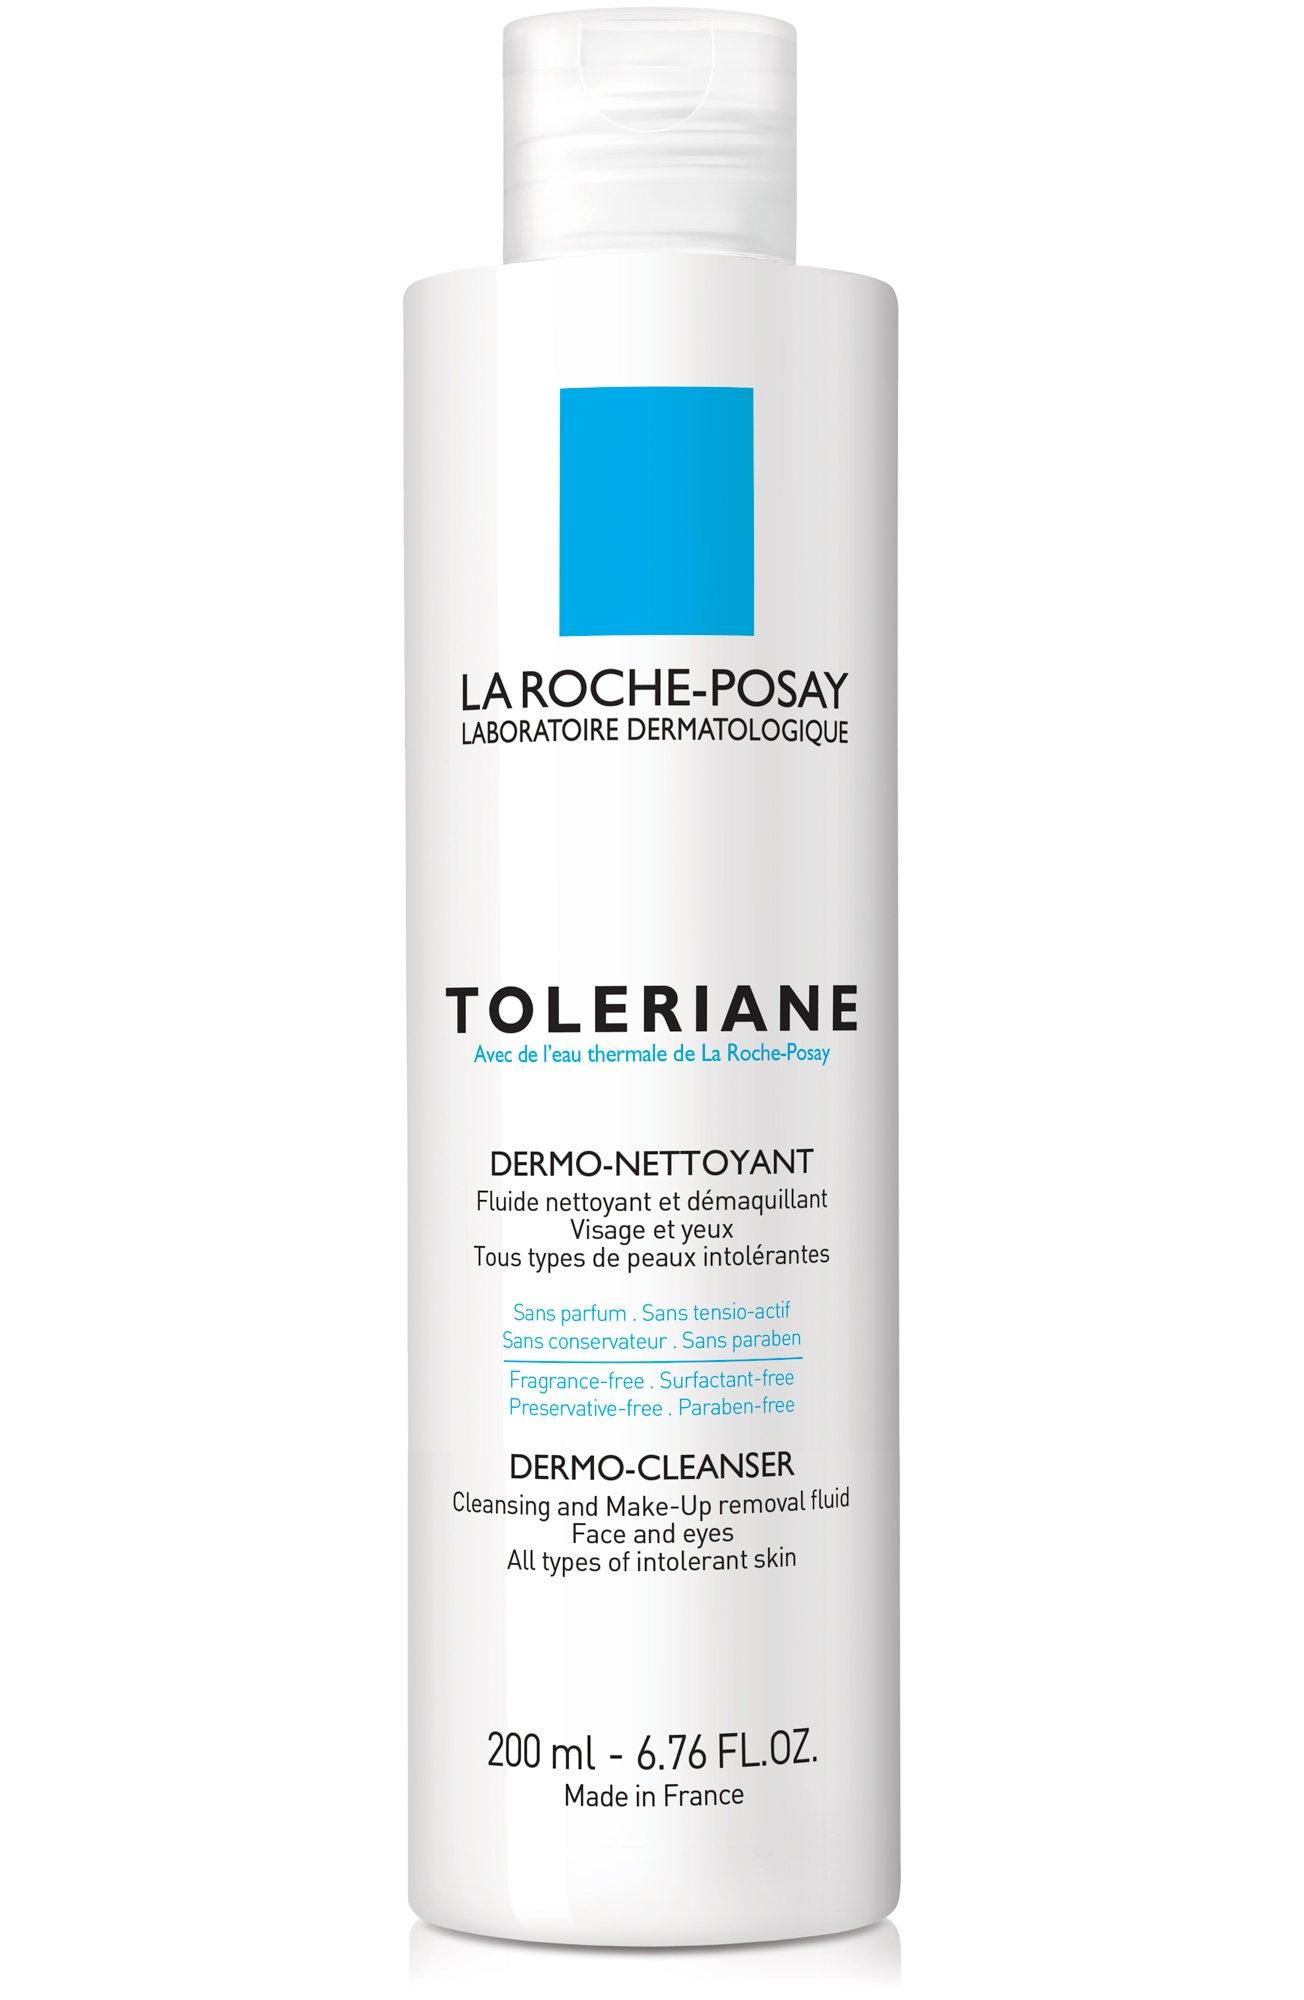 La Roche-Posay Toleriane Dermo Cleanser and Makeup Remover, 6.76 Fl. Oz. by La Roche-Posay